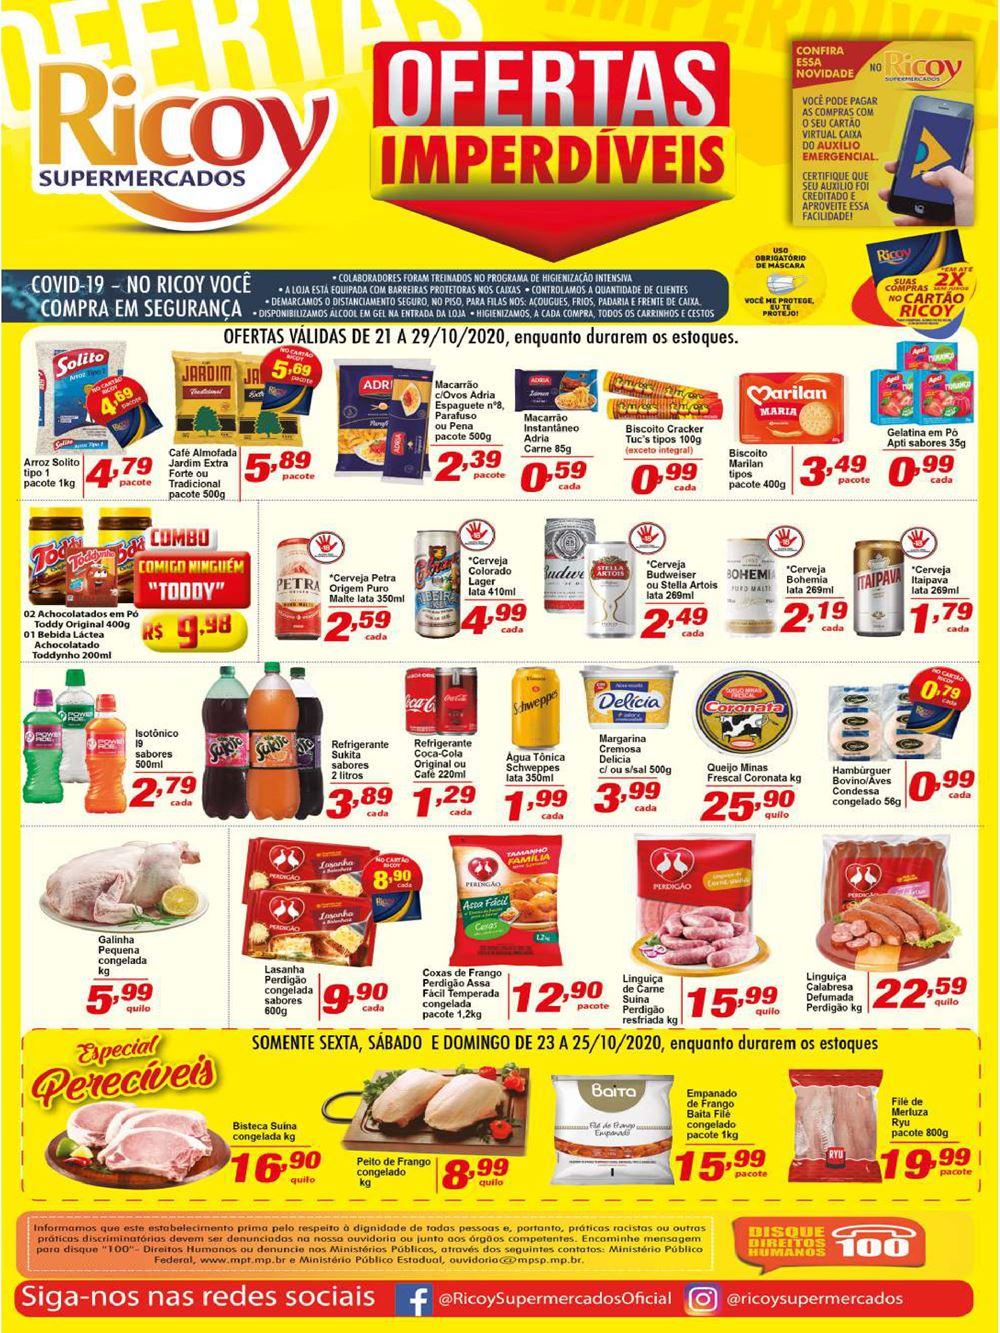 ricoy-ofertas-descontos-hoje1-2 Ofertas de supermercados - Economize